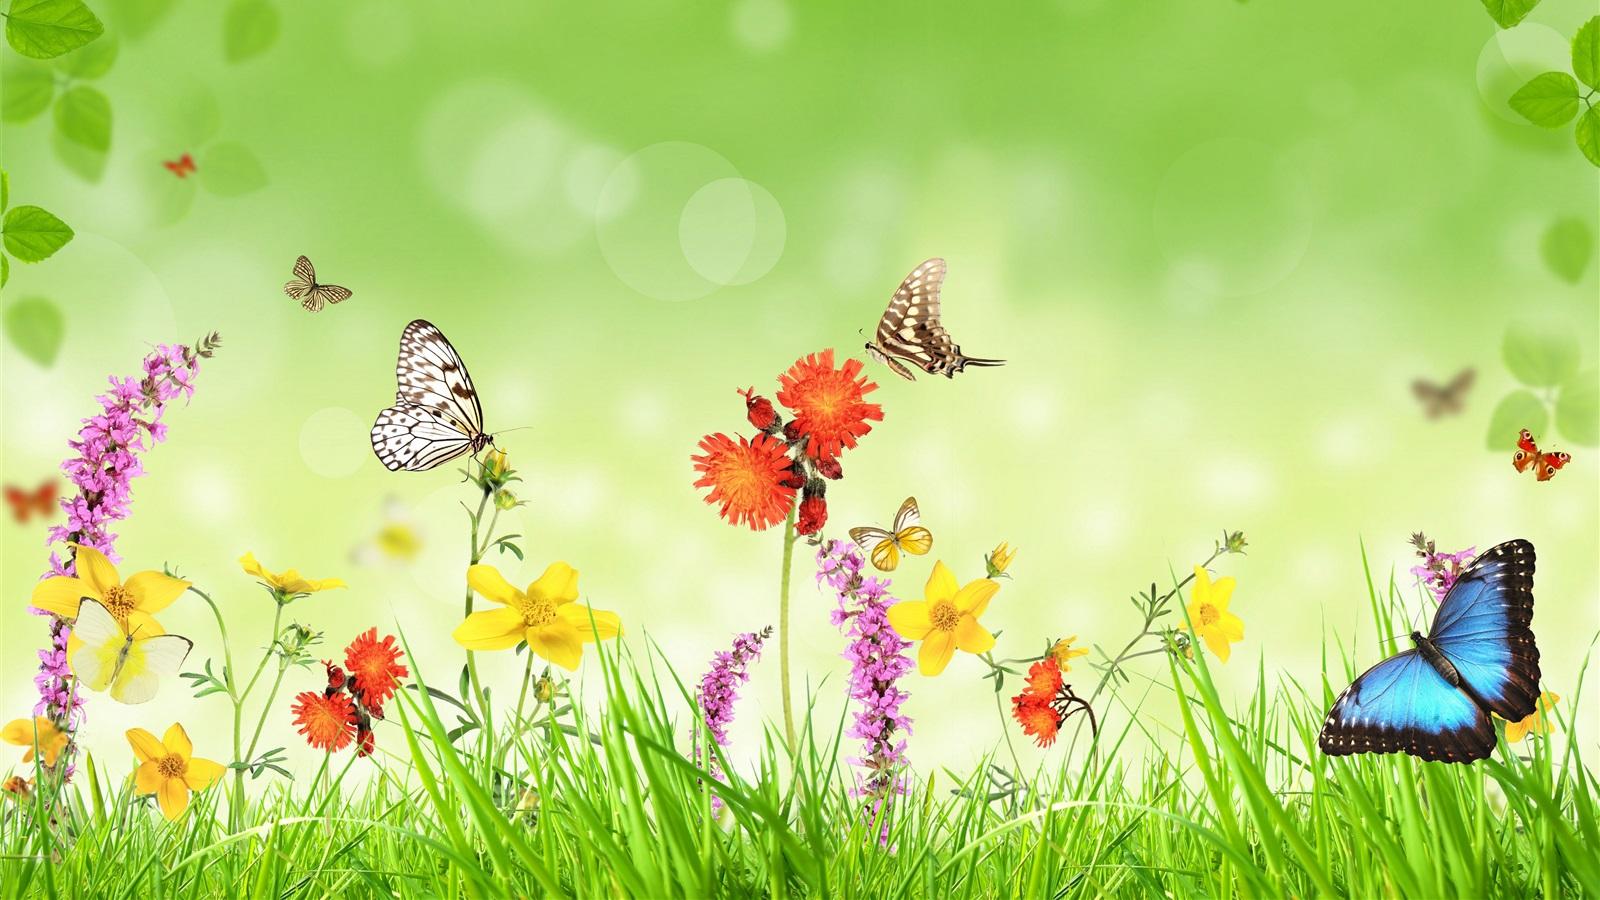 春天,鲜花,草,蝴蝶,绿色背景,创意设计 壁纸图片